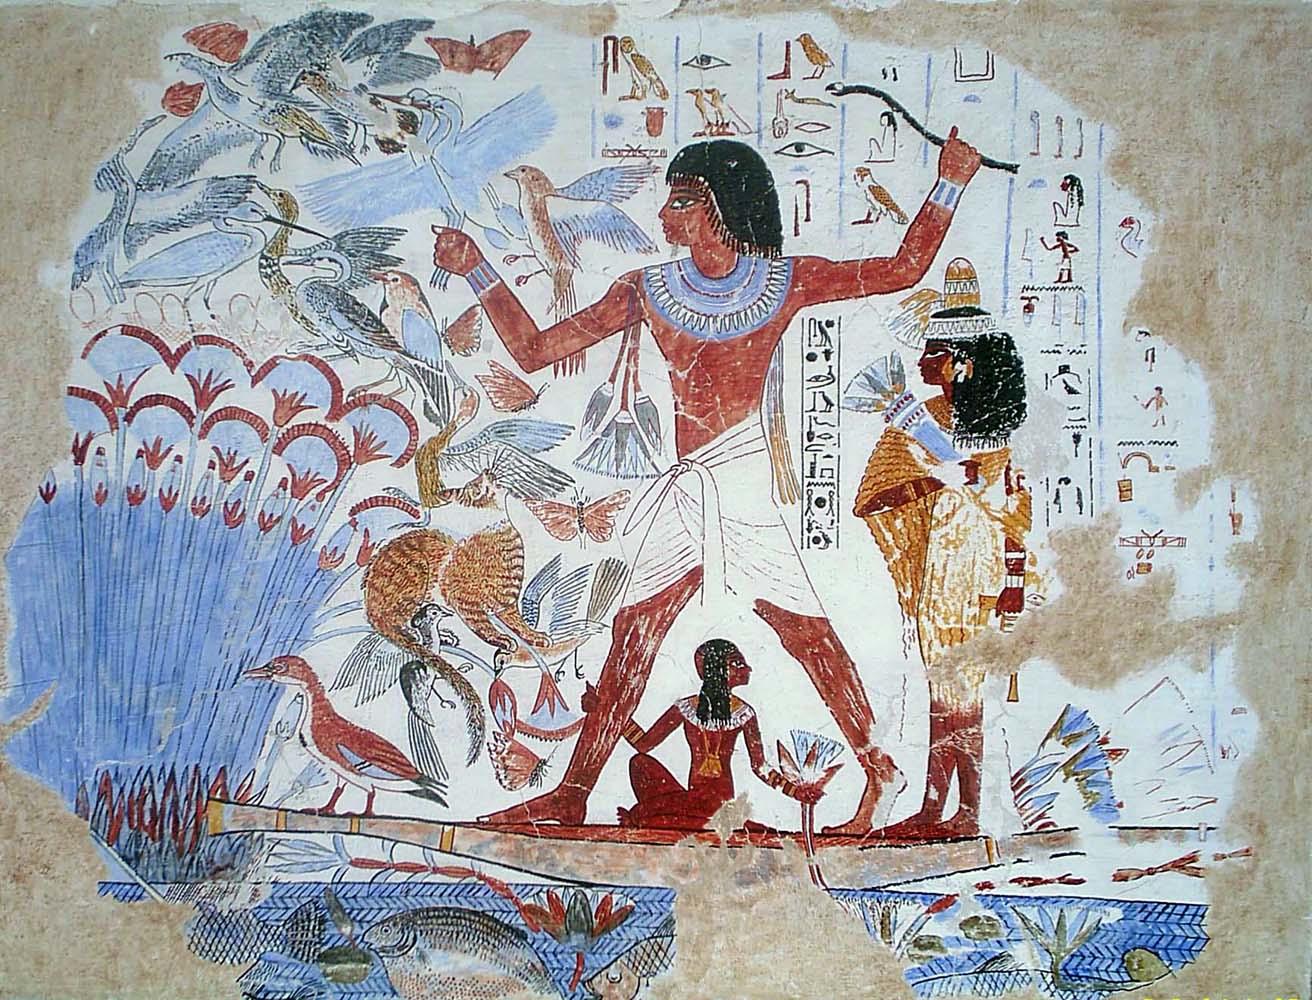 [foto+25+Escena+de+caza+en+una+pintura+de+la+Tumba+de+Nebamun,+en+Tebas,+XVIII+Dinastía,+British+Museum,+Londres.jpg]